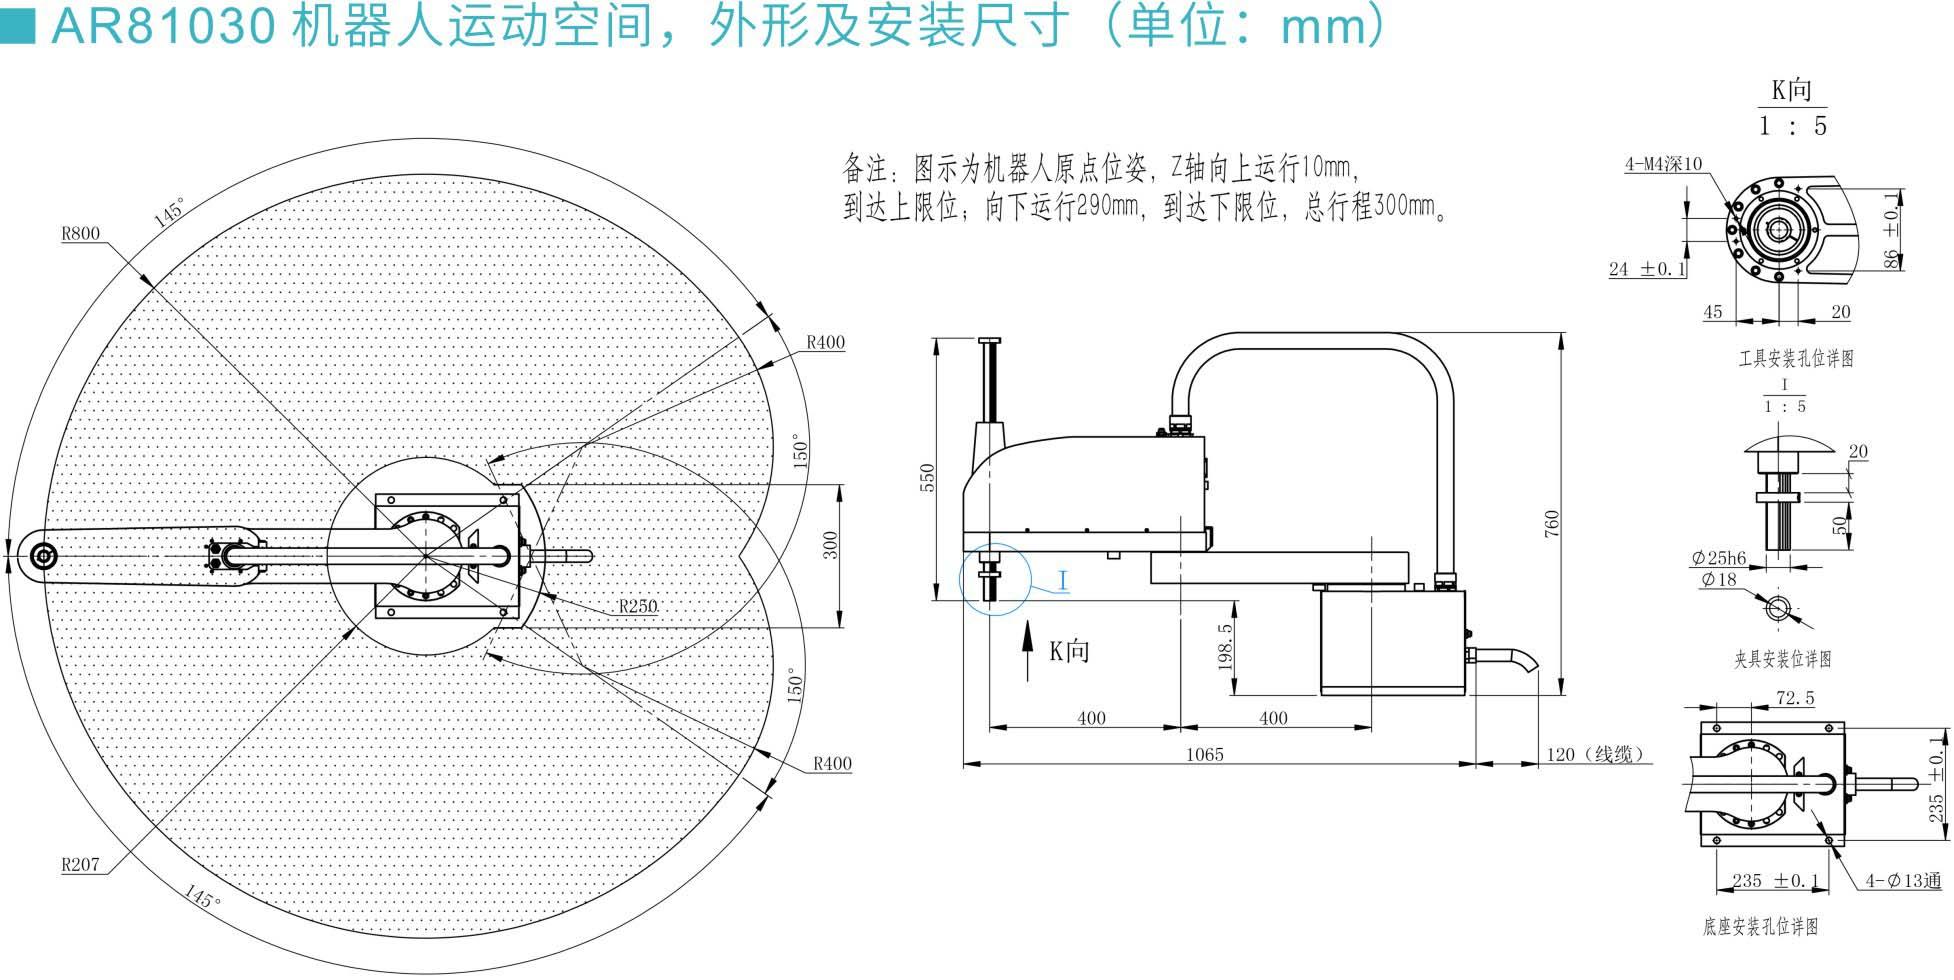 众为兴SCARA四轴机械手AR81030 安装尺寸